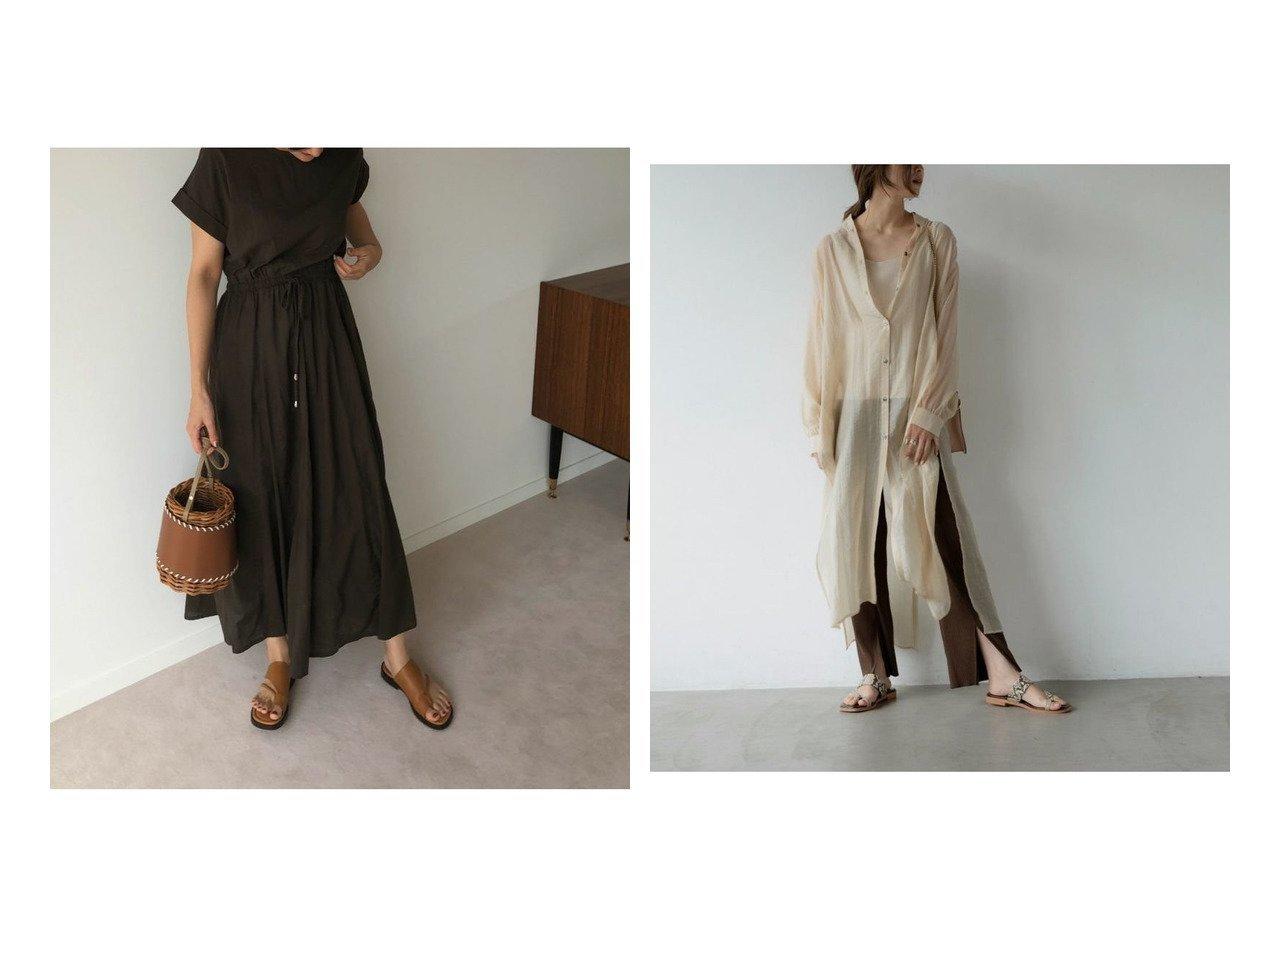 【marjour/マージュール】のmarjourコットンマキシワンピース COTTON MAXI ONEPIECE&marjourシアーシャツドレス SHEER SHIRT DRESS マージュールのおすすめ!人気、トレンド・レディースファッションの通販 おすすめで人気の流行・トレンド、ファッションの通販商品 メンズファッション・キッズファッション・インテリア・家具・レディースファッション・服の通販 founy(ファニー) https://founy.com/ ファッション Fashion レディースファッション WOMEN ワンピース Dress マキシワンピース Maxi Dress トップス カットソー Tops Tshirt シャツ/ブラウス Shirts Blouses ドレス Party Dresses シャーリング スリーブ フレンチ ルーズ おすすめ Recommend シアー スリット デニム バランス ロング |ID:crp329100000021560